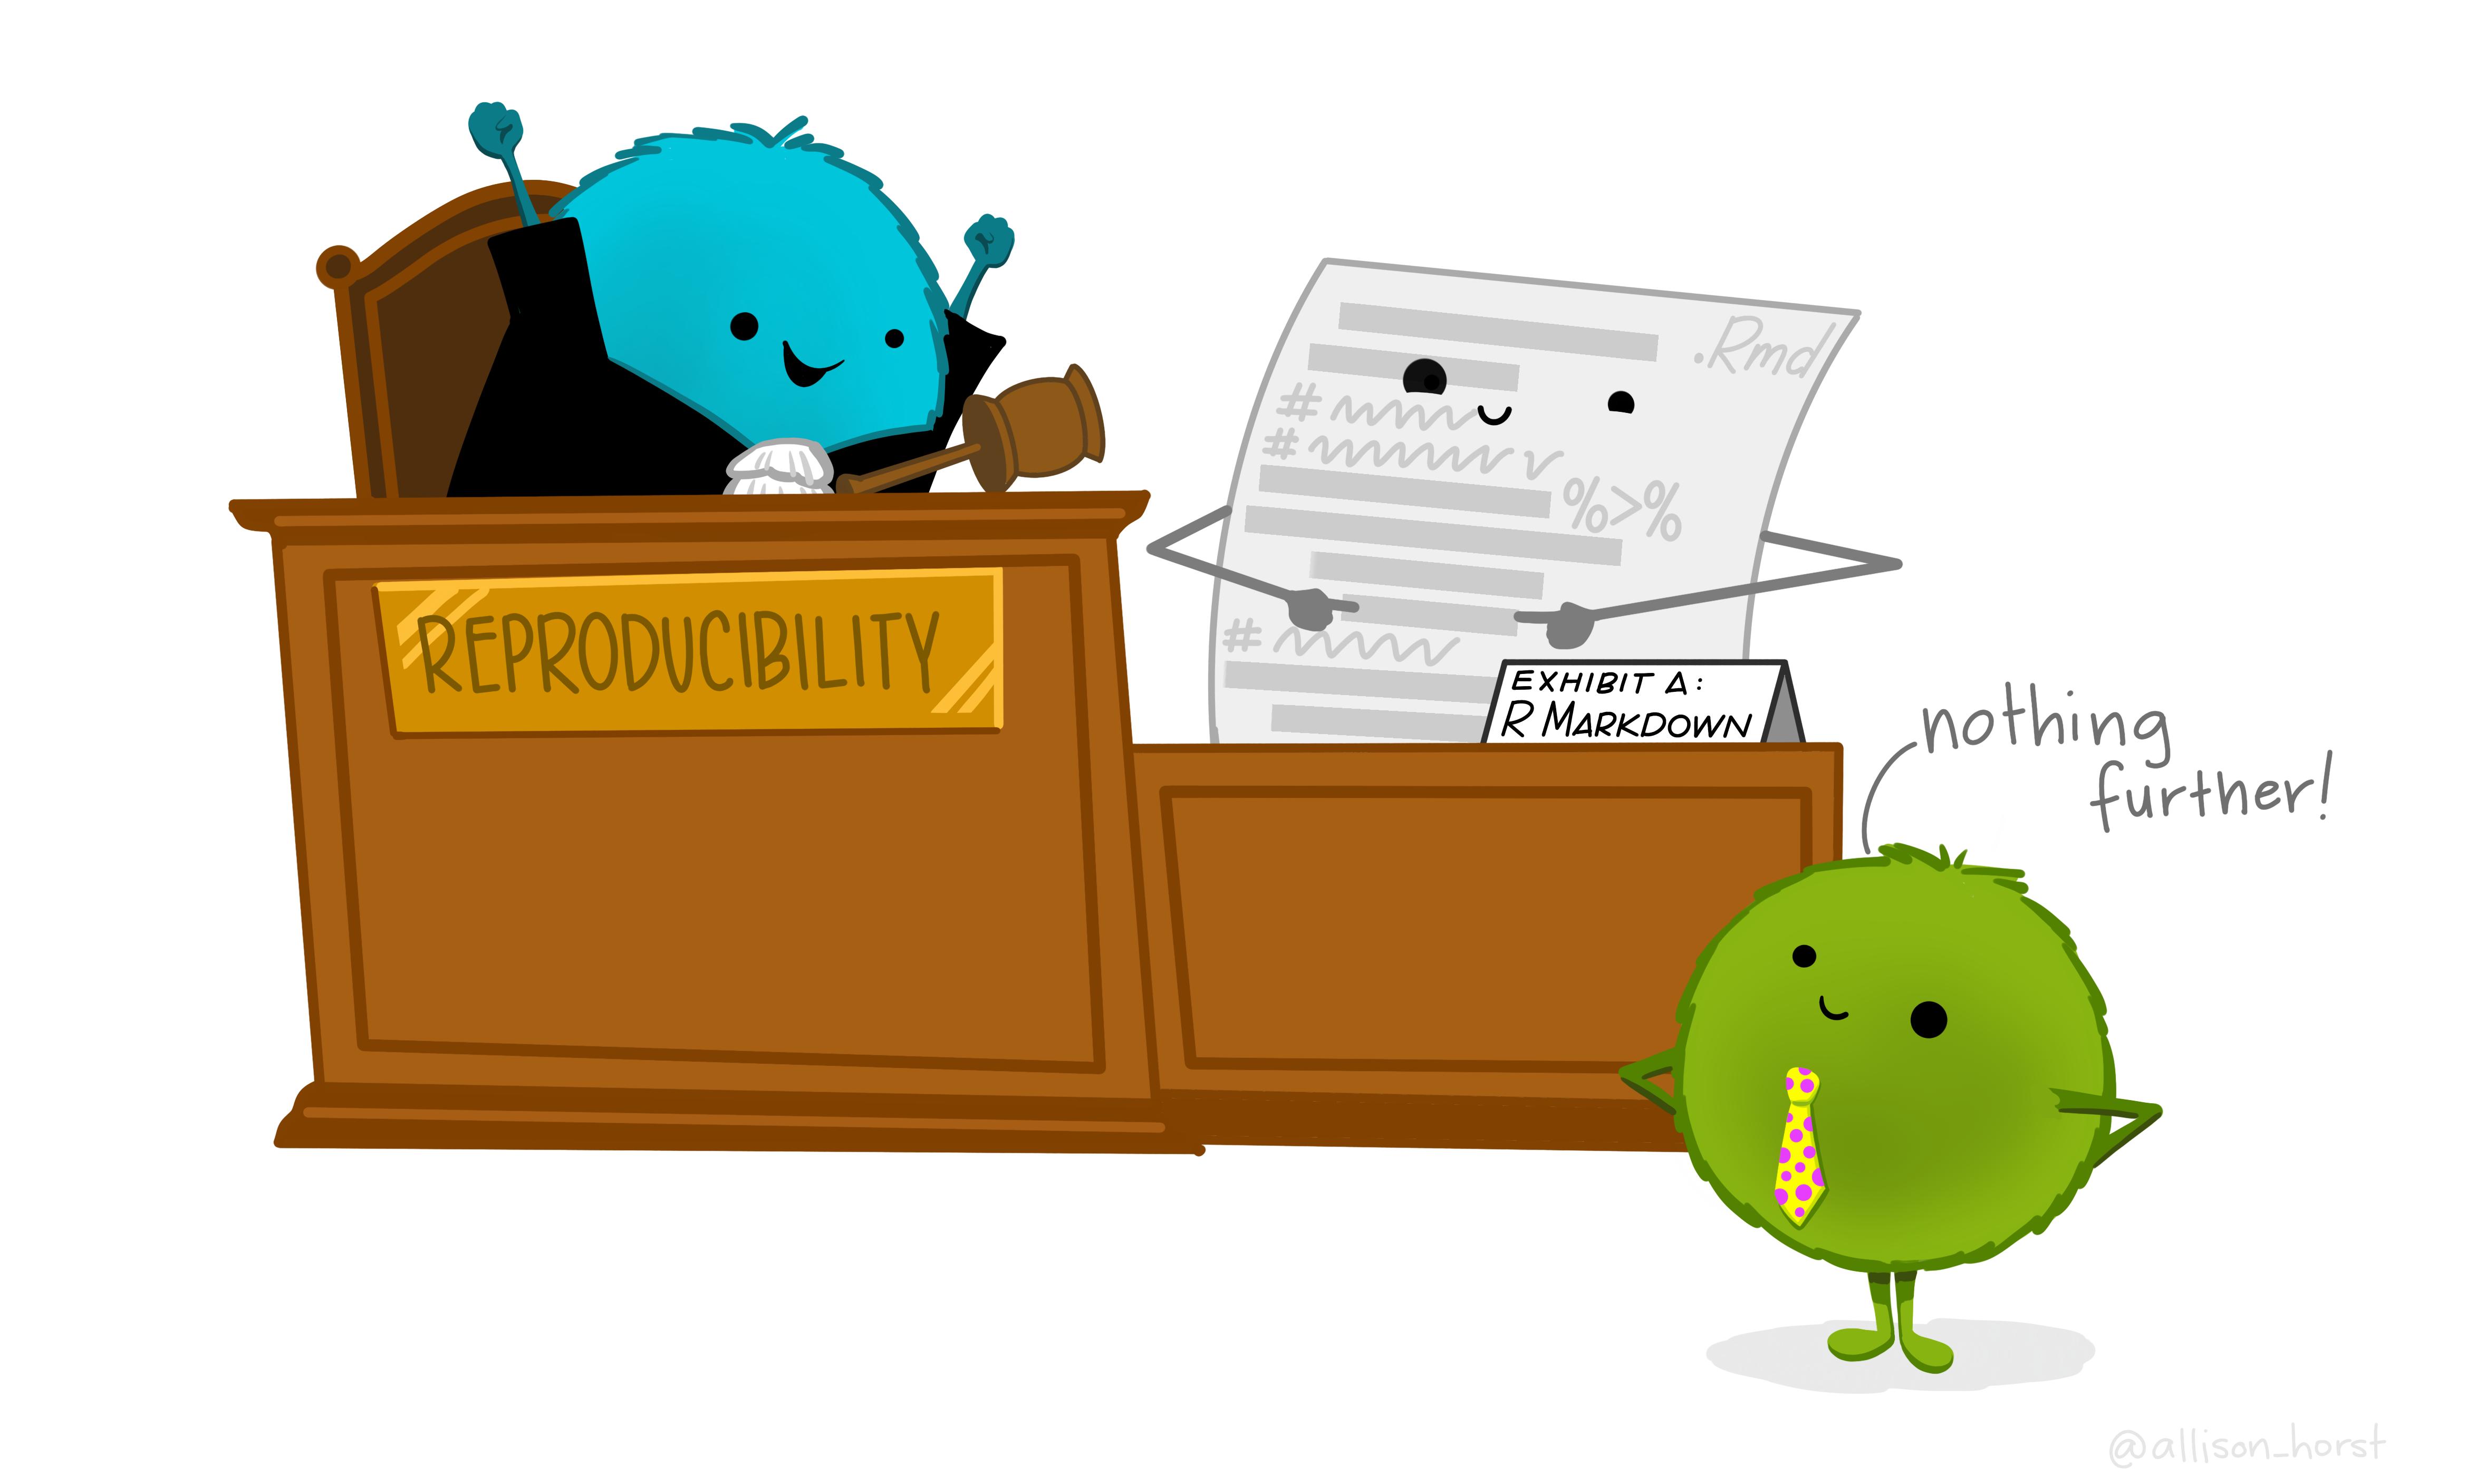 Ilustração sobre o pacote rmarkdown, criada por <a href='https://github.com/allisonhorst/stats-illustrations'>Allison Horst</a>.